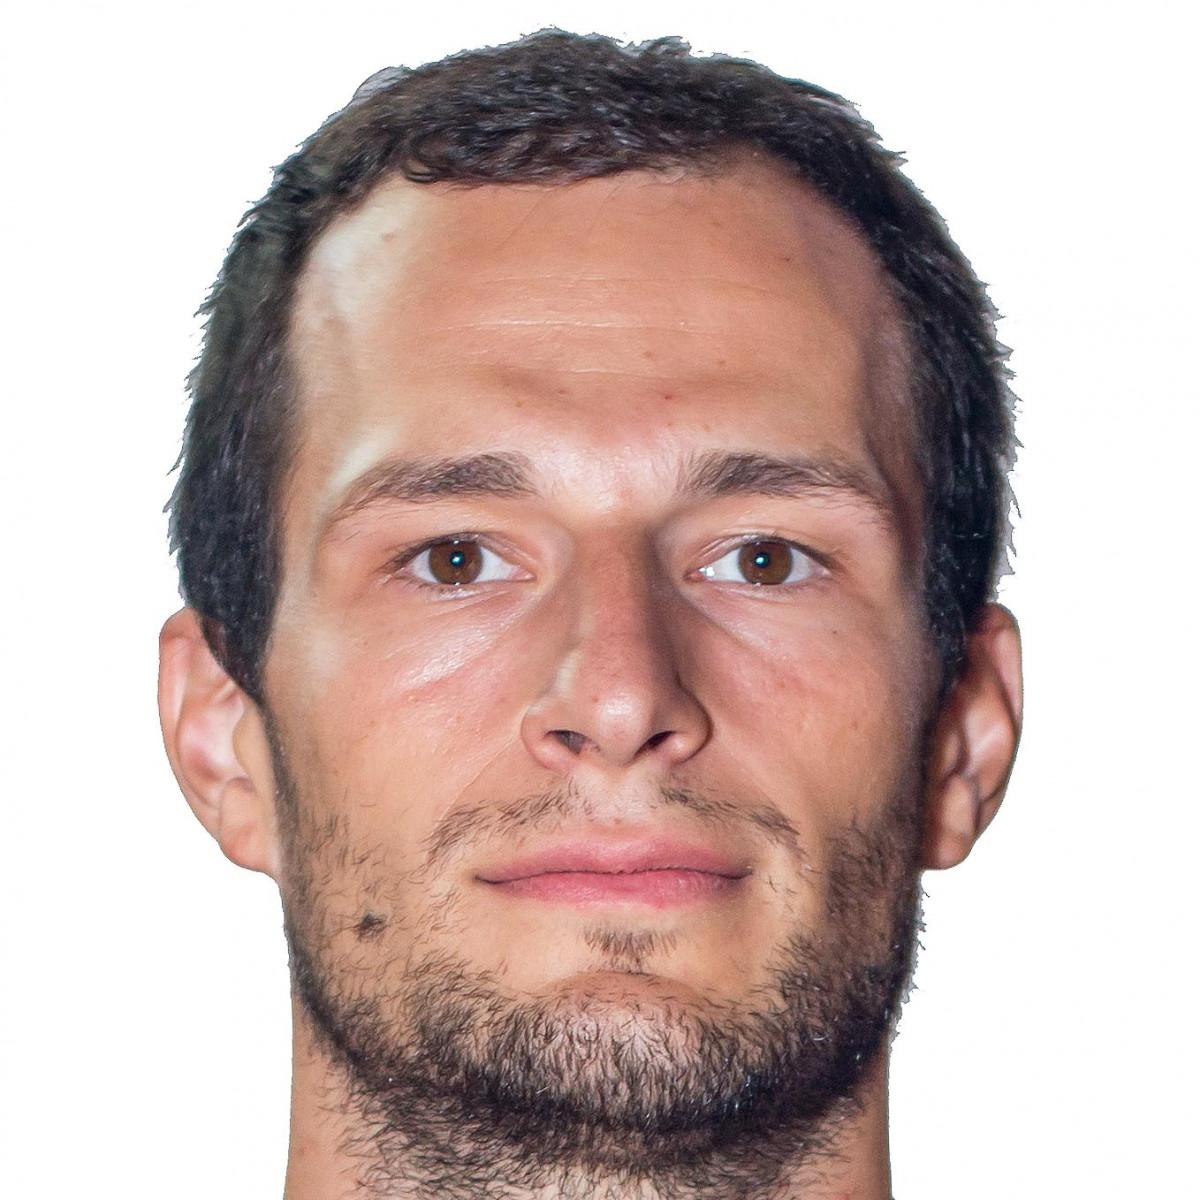 Filip Tusek